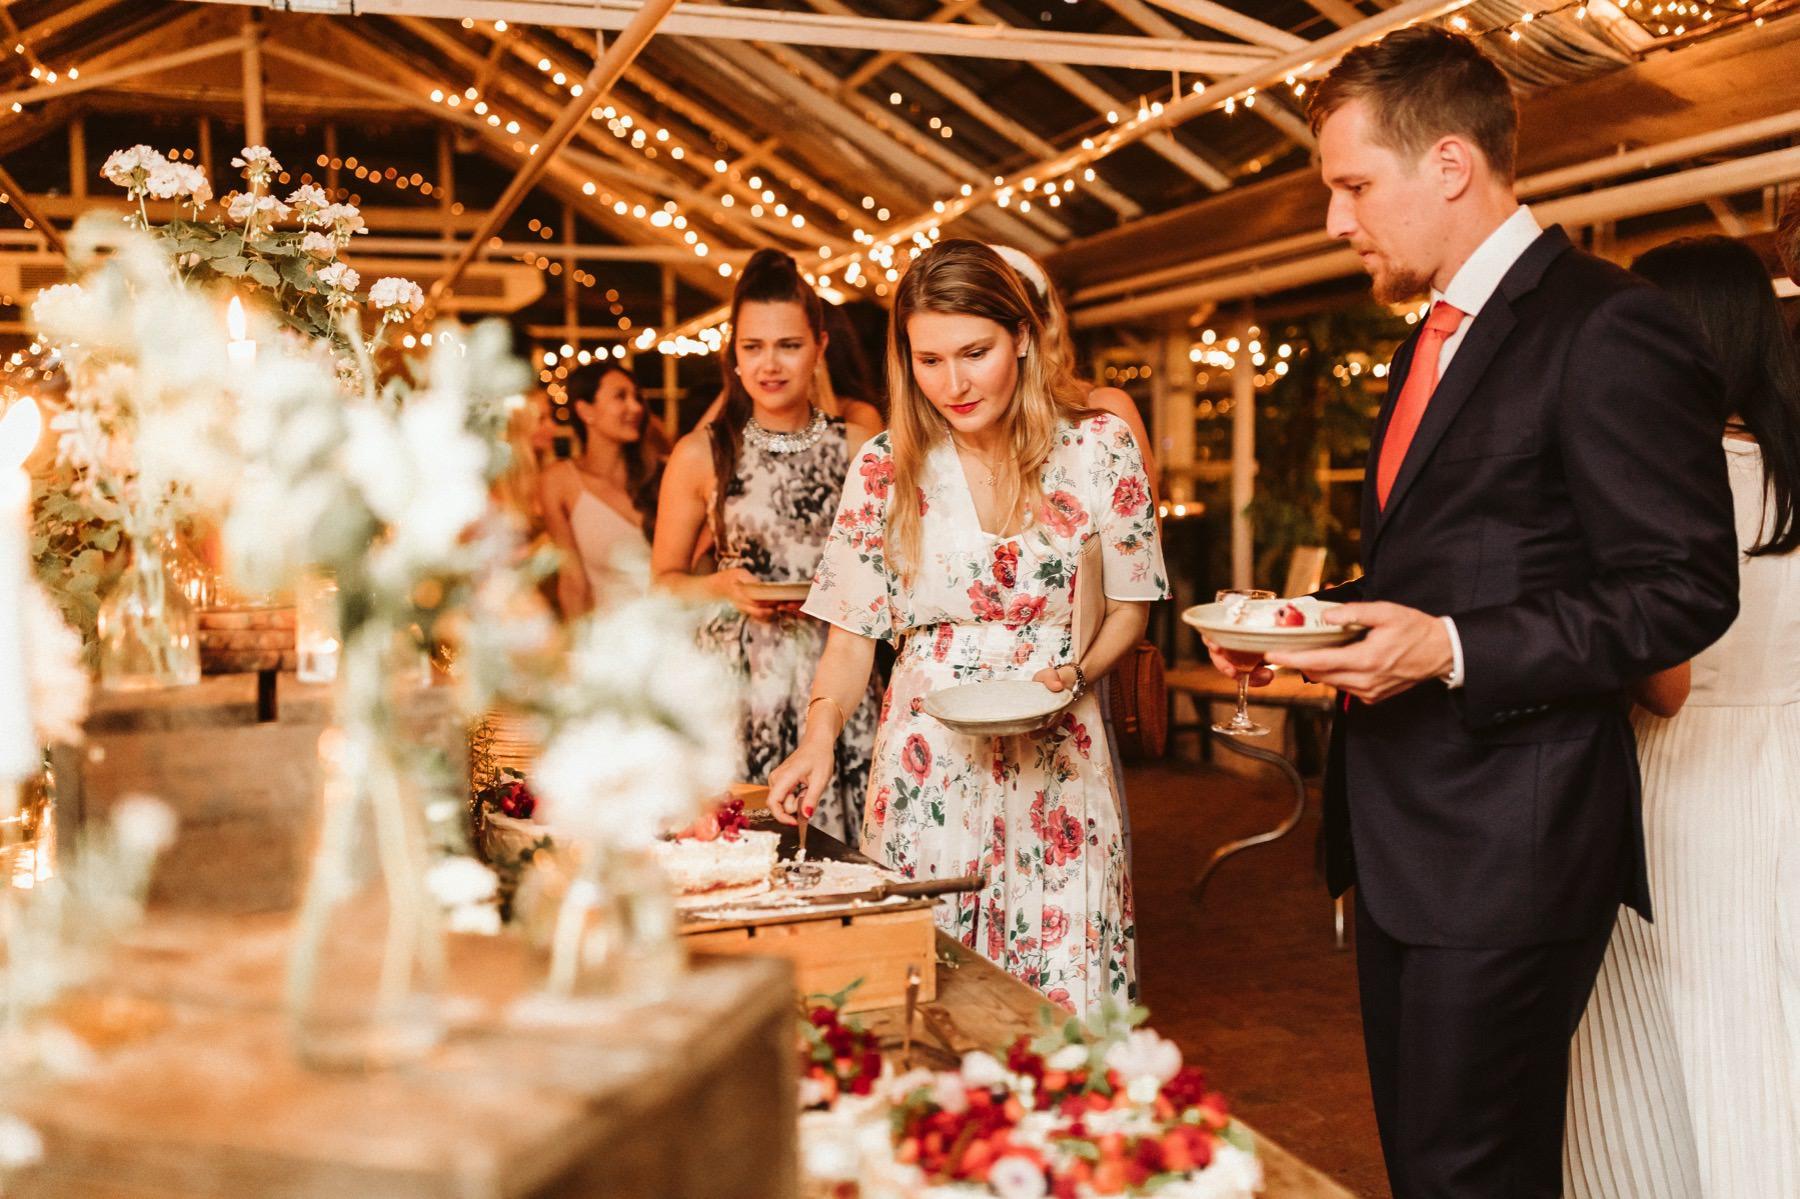 rosendals trädgård party